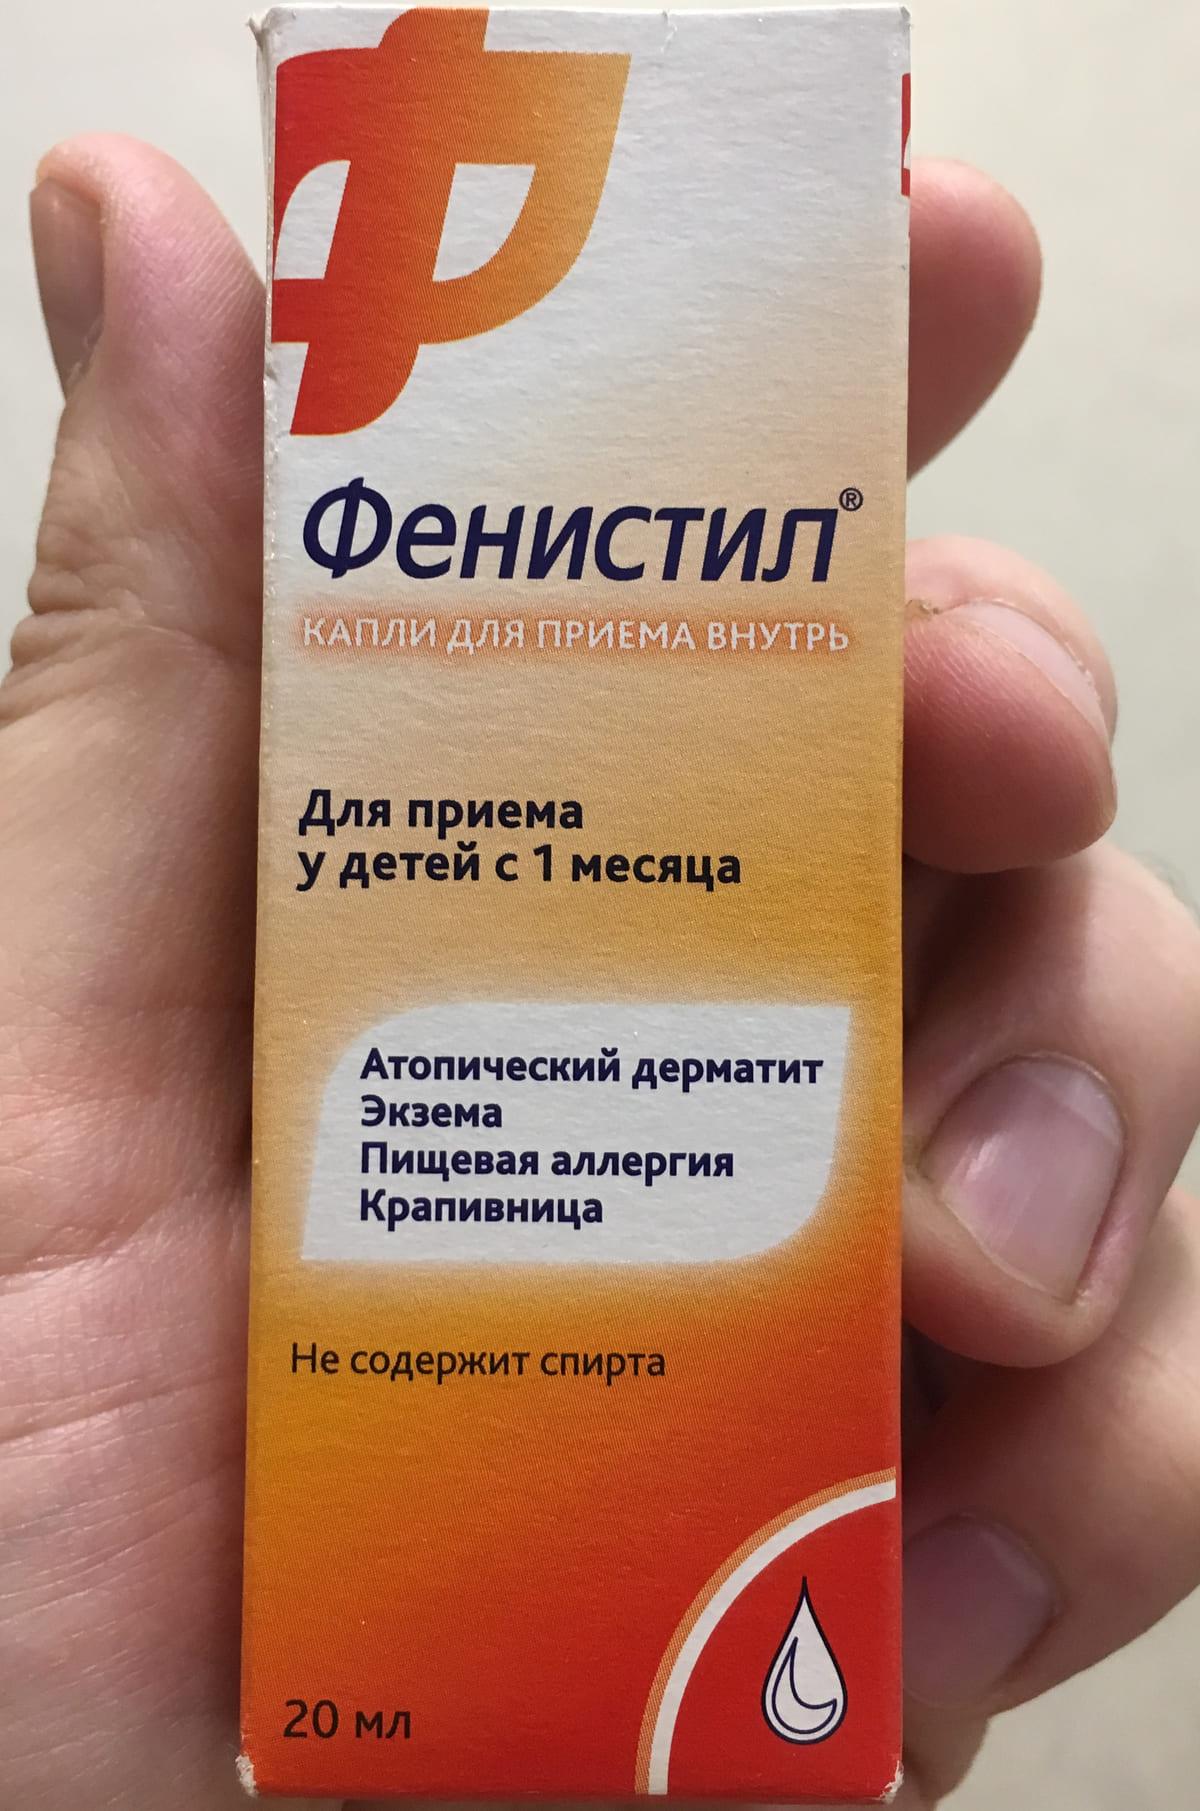 Фенистил капли: инструкция по применению, аналоги и отзывы, цены в аптеках россии